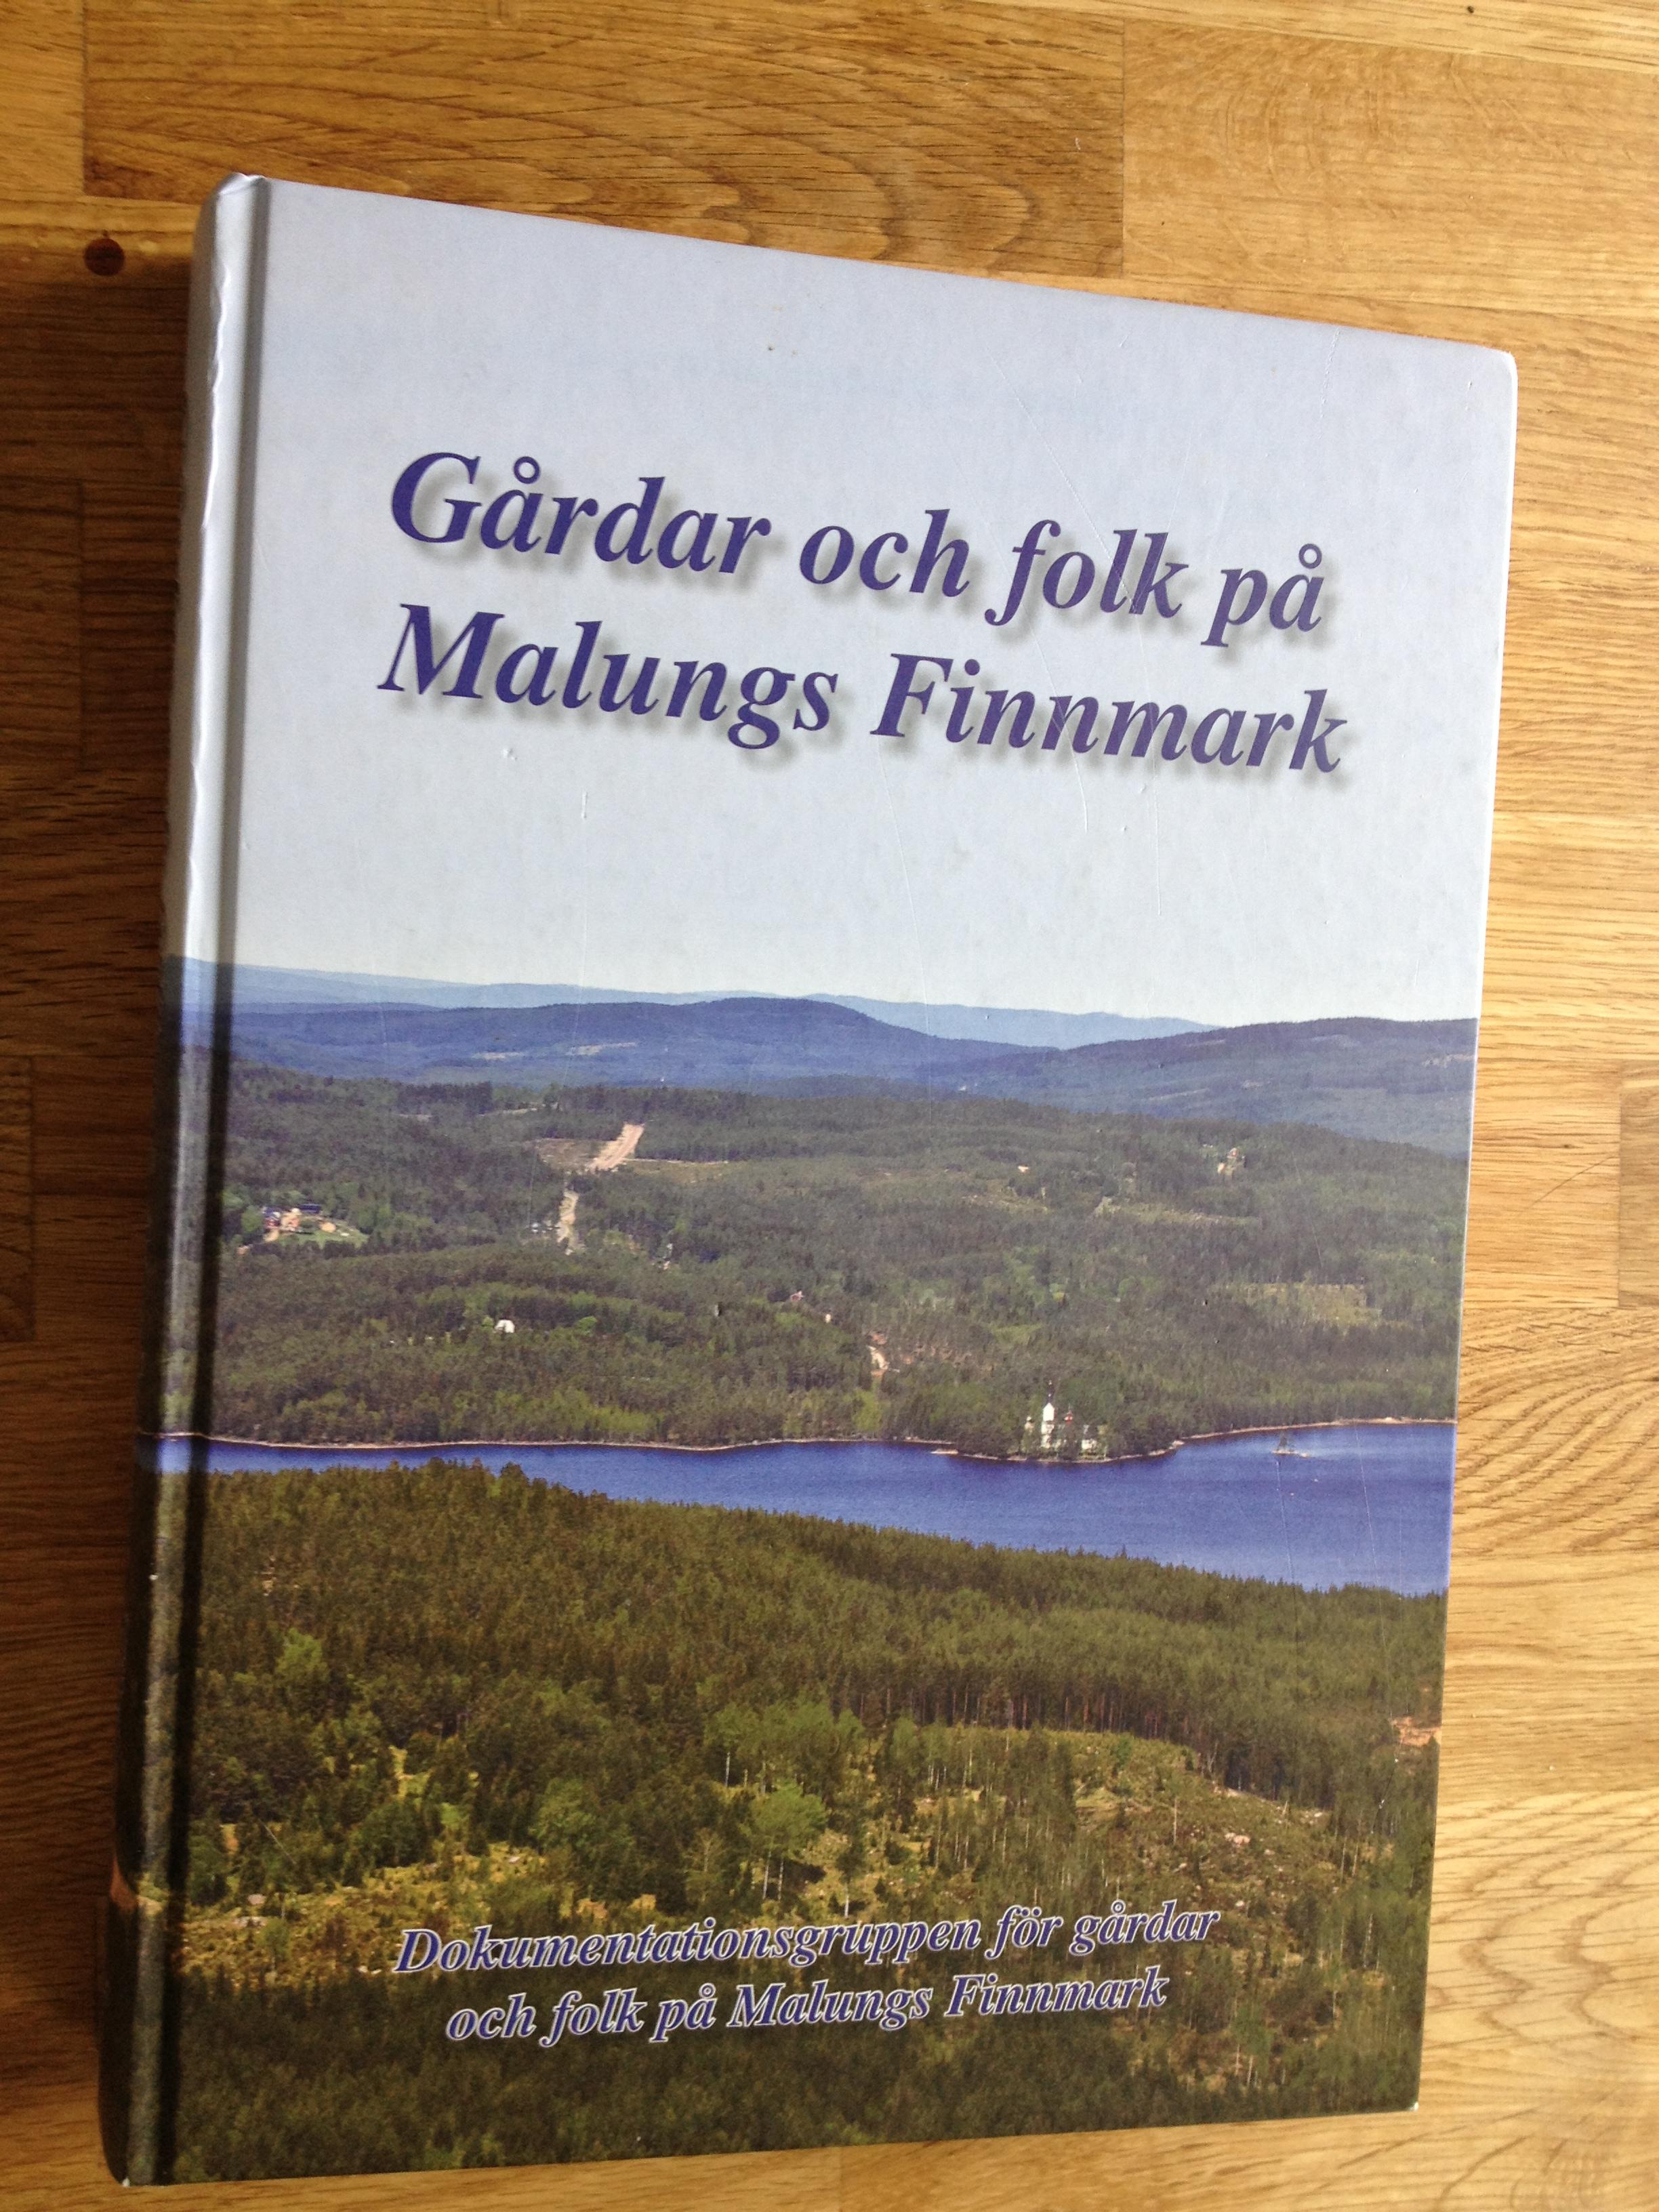 Köp av Anders Norman 0563-92249